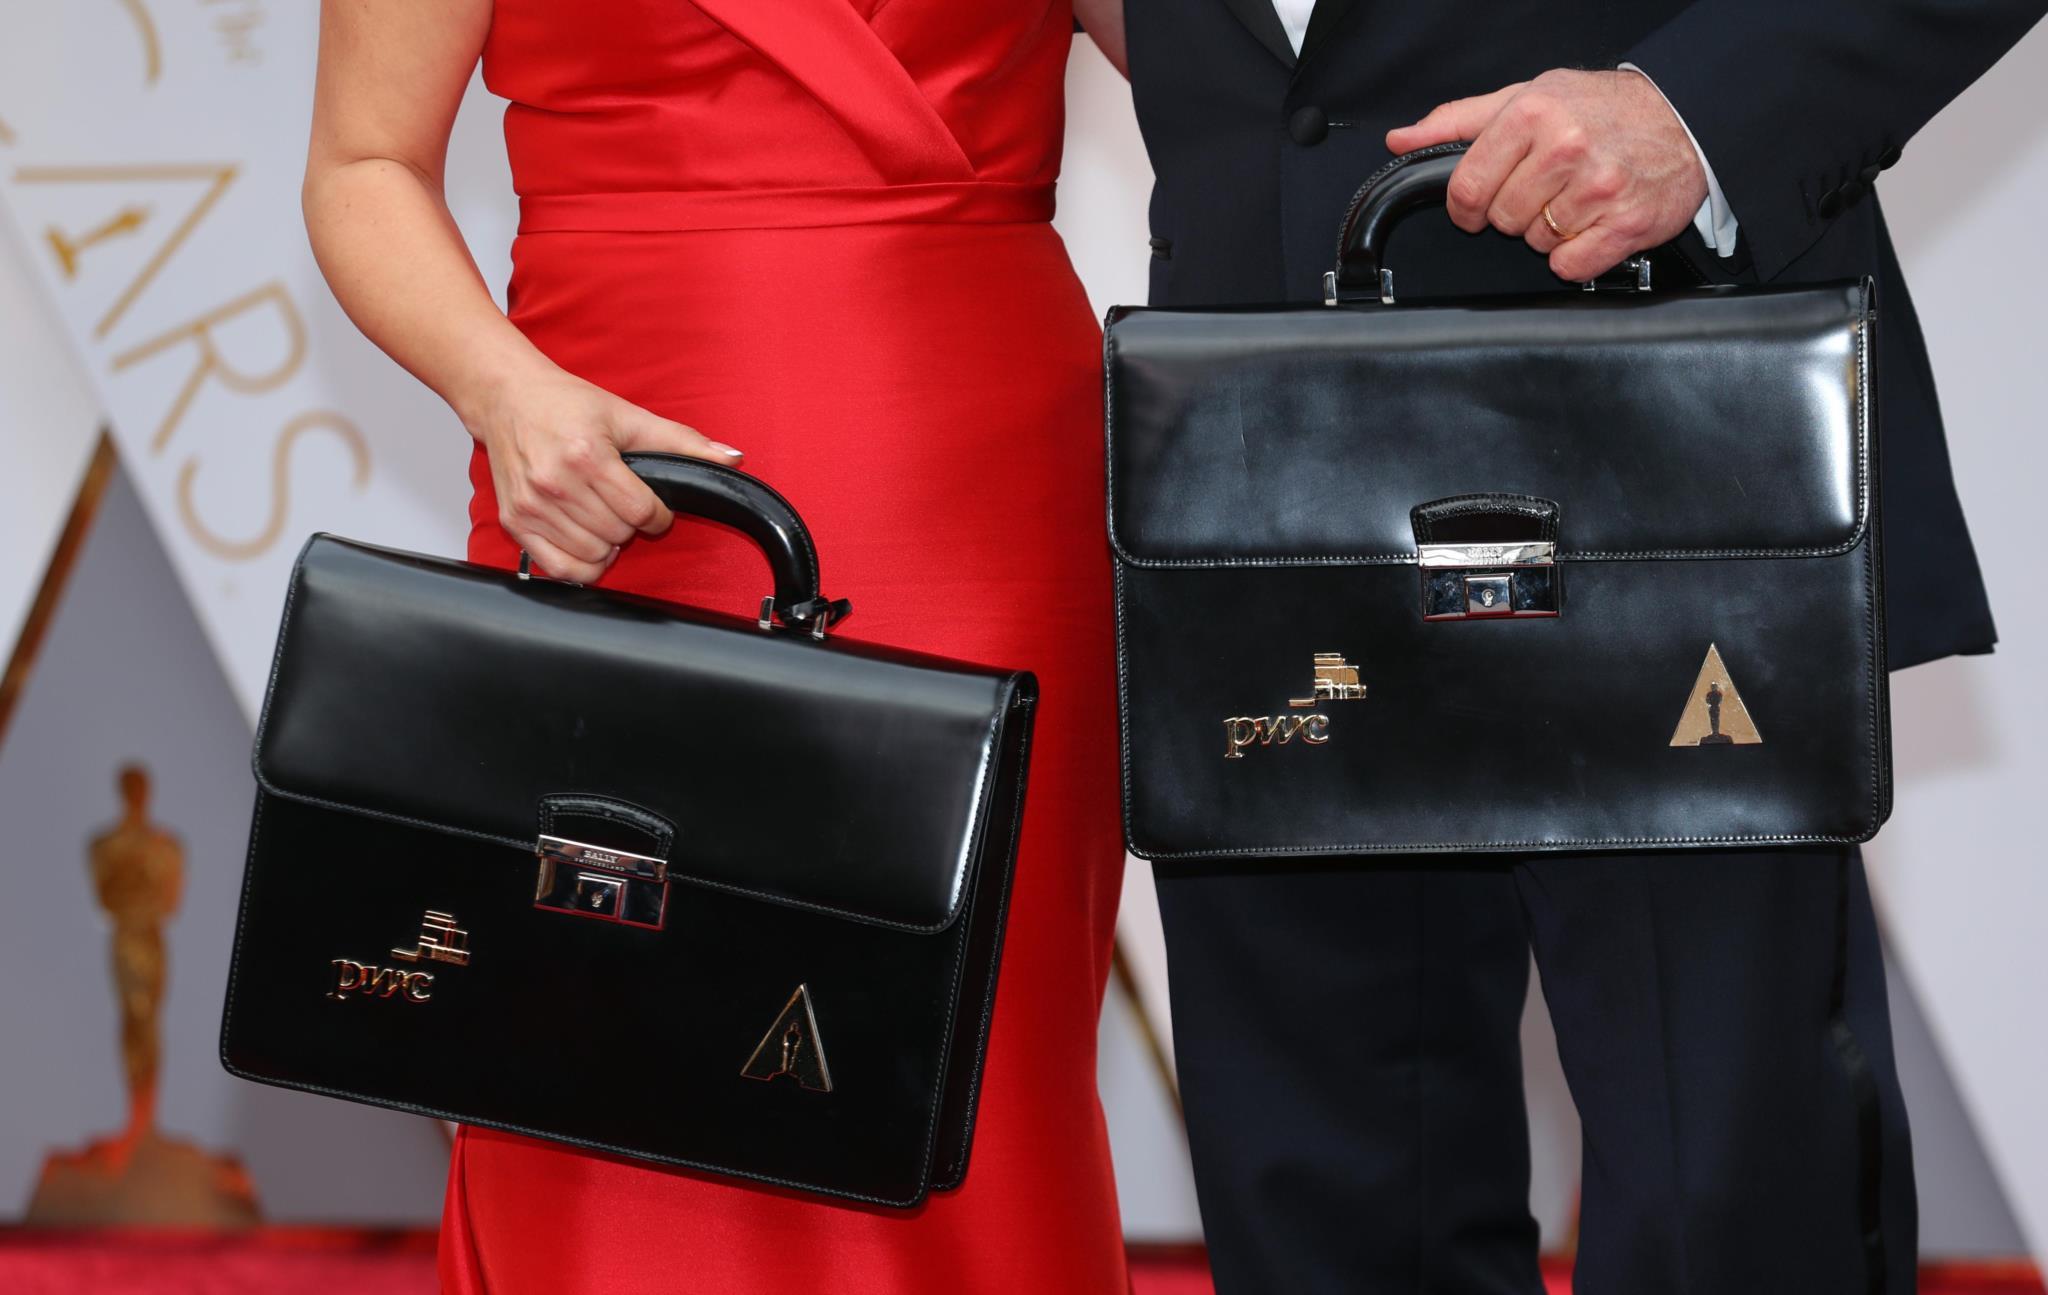 Martha Ruiz e Brian Cullinan na passadeira vermelha antes da cerimónia com as pastas em que transportavam os envelopes com os vencedores